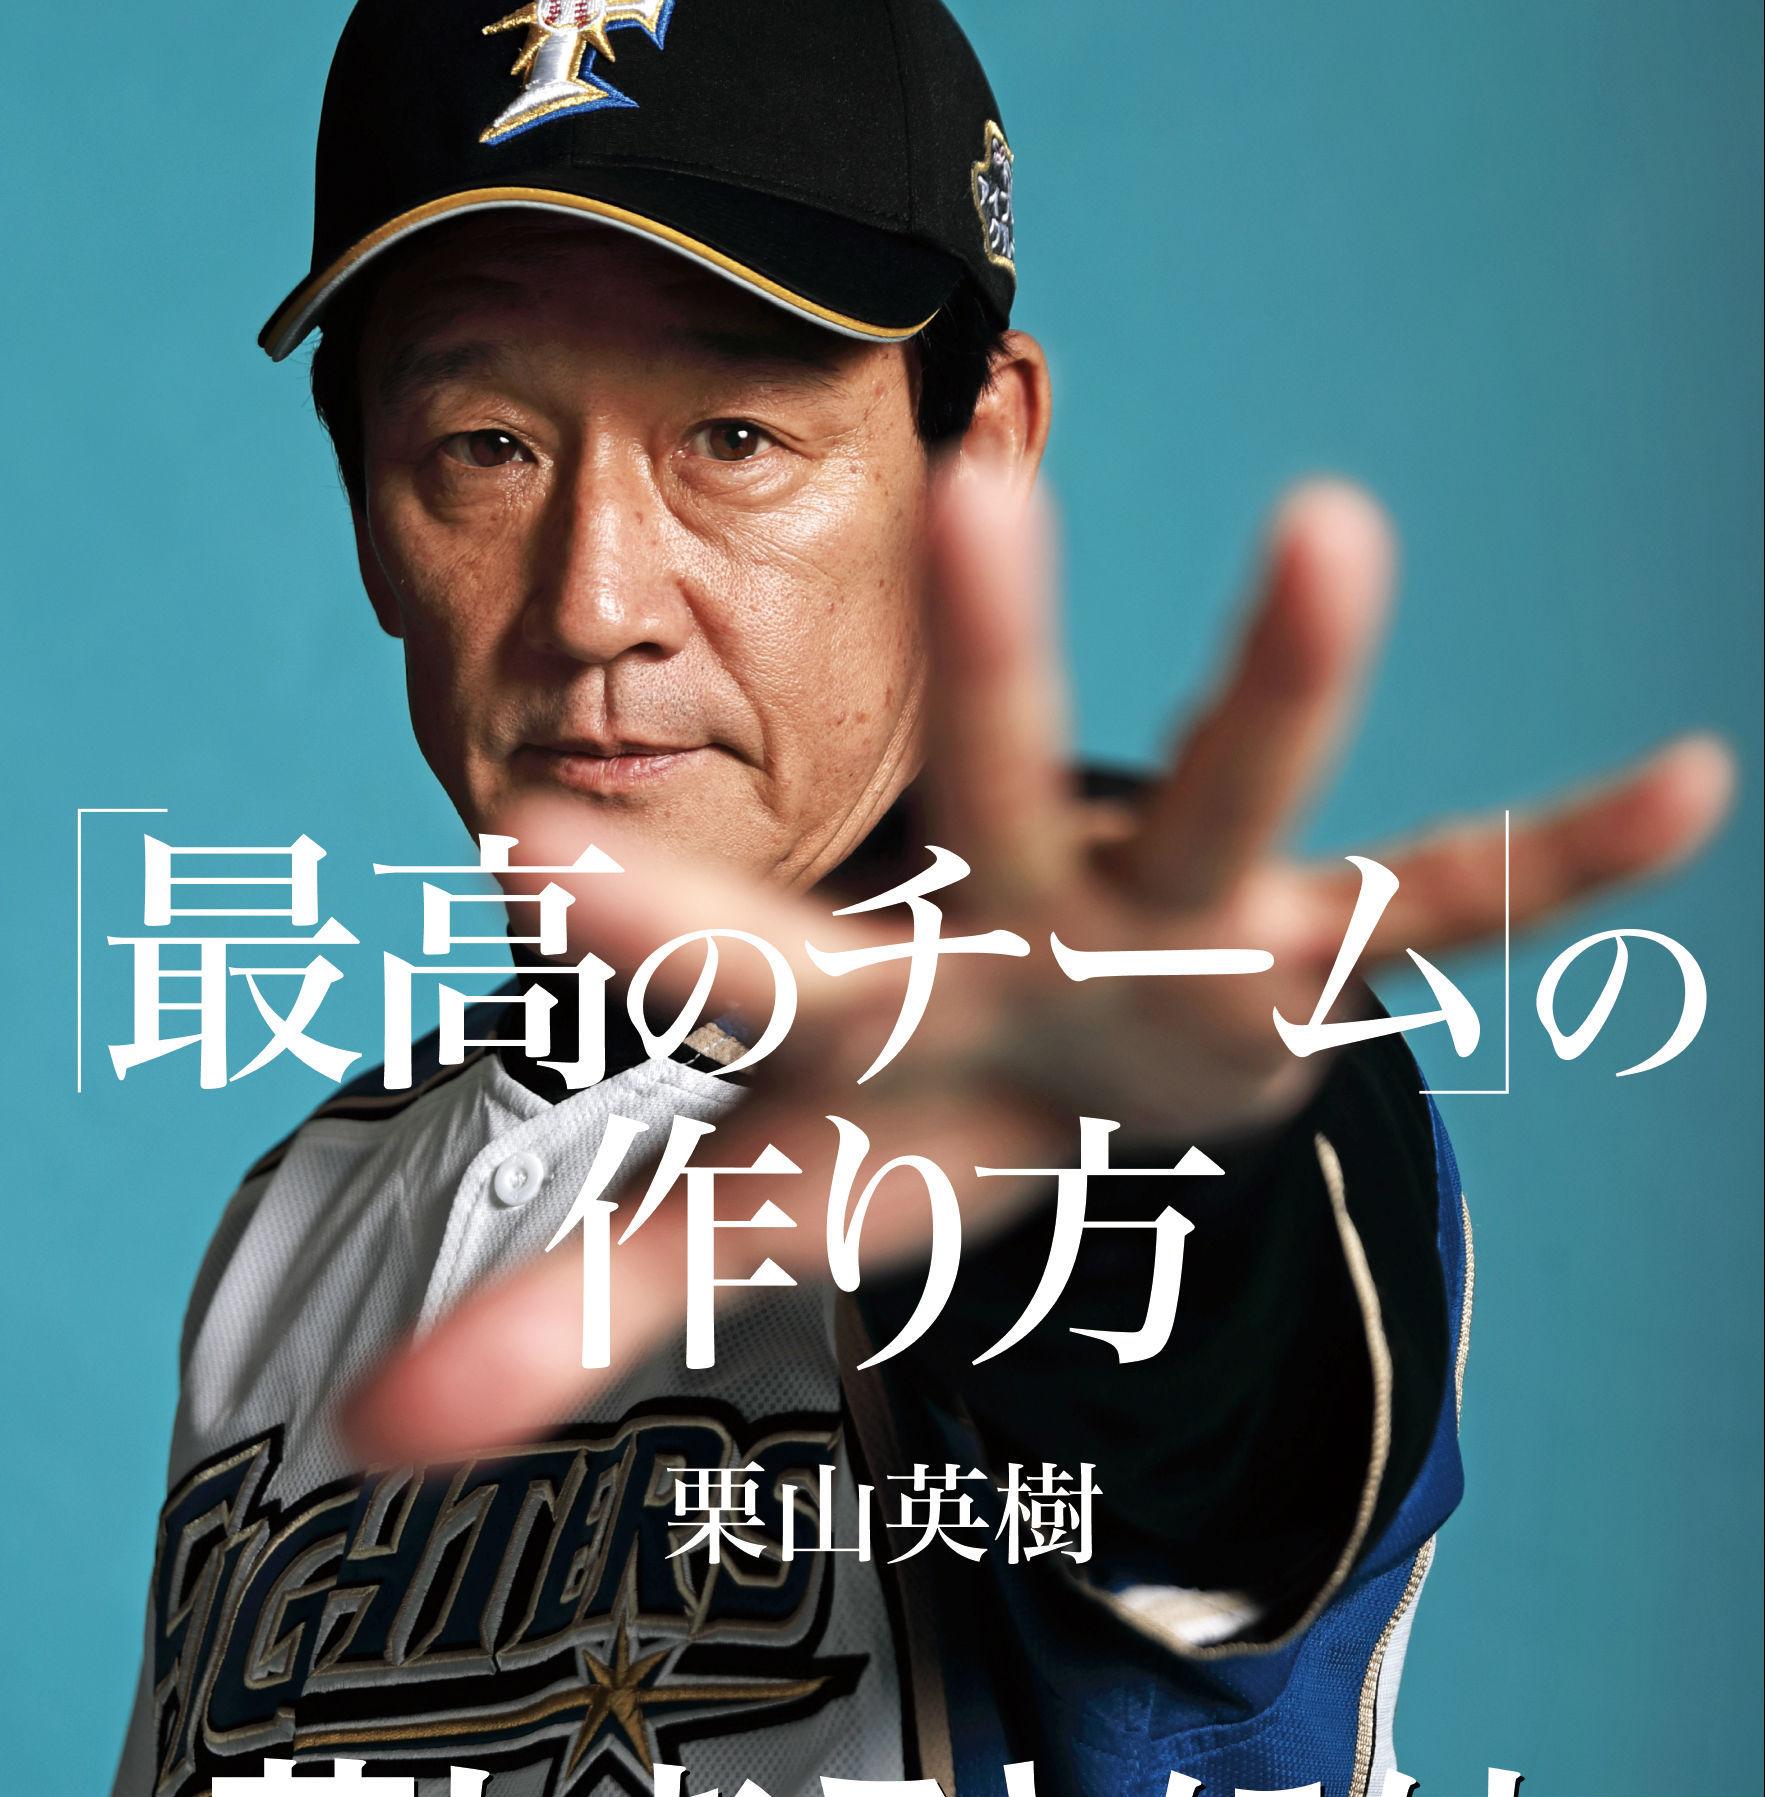 日ハム・栗山監督が明かす「西川遥輝の進むべき道を照らし続けたコーチの存在」